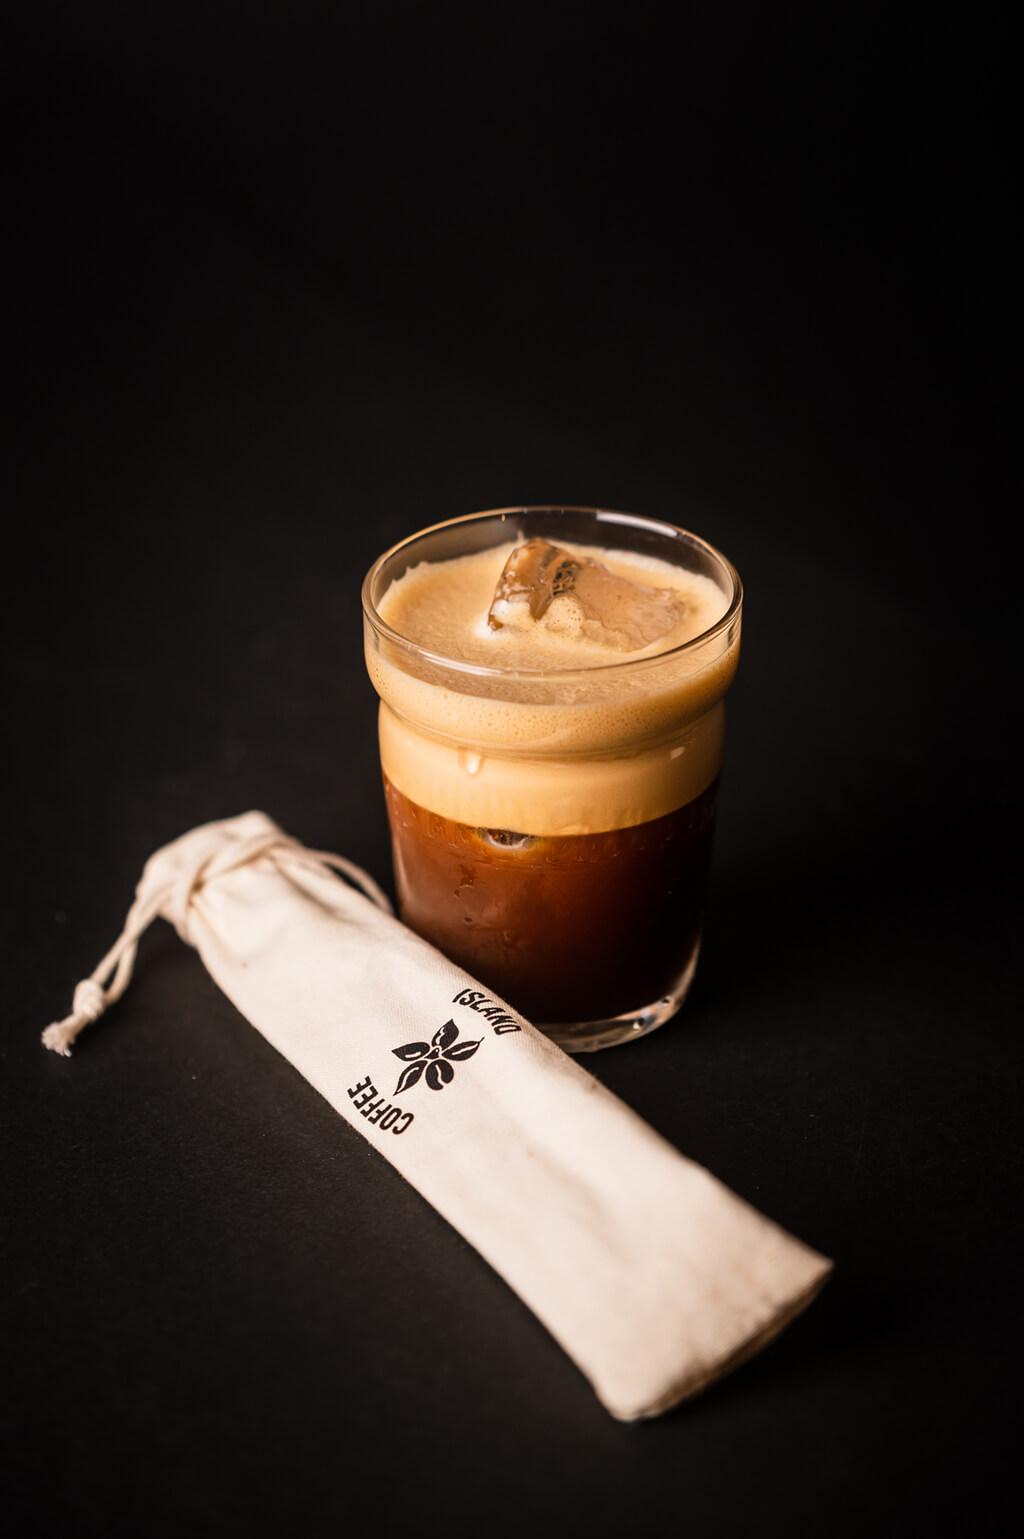 Coffee Island's delicious freddo espresso.